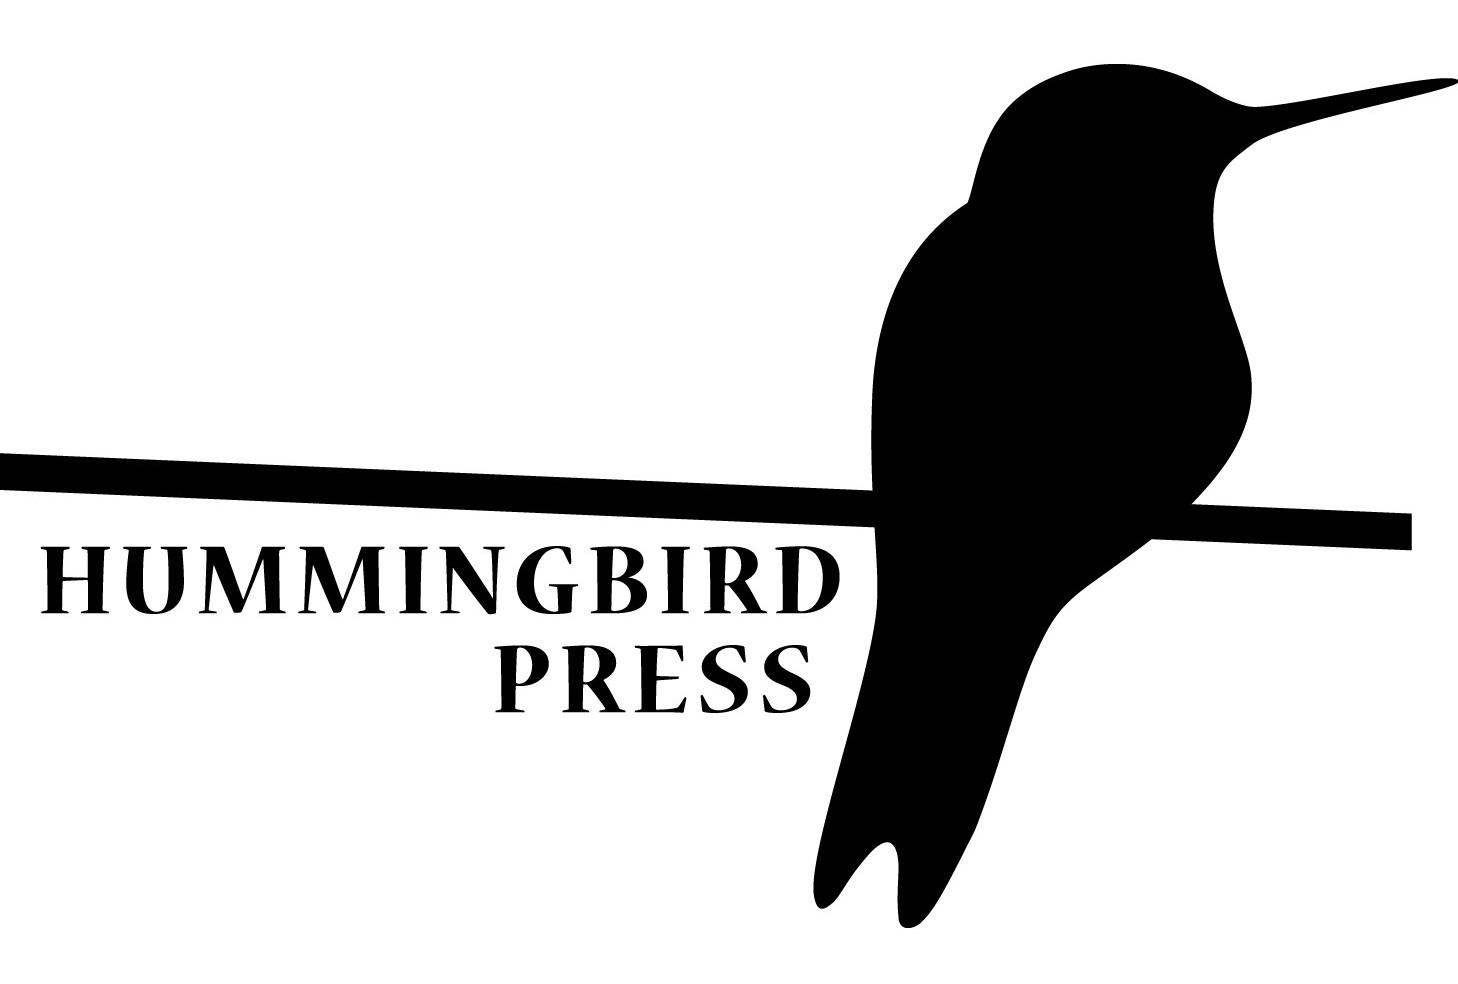 Hummingbird Press